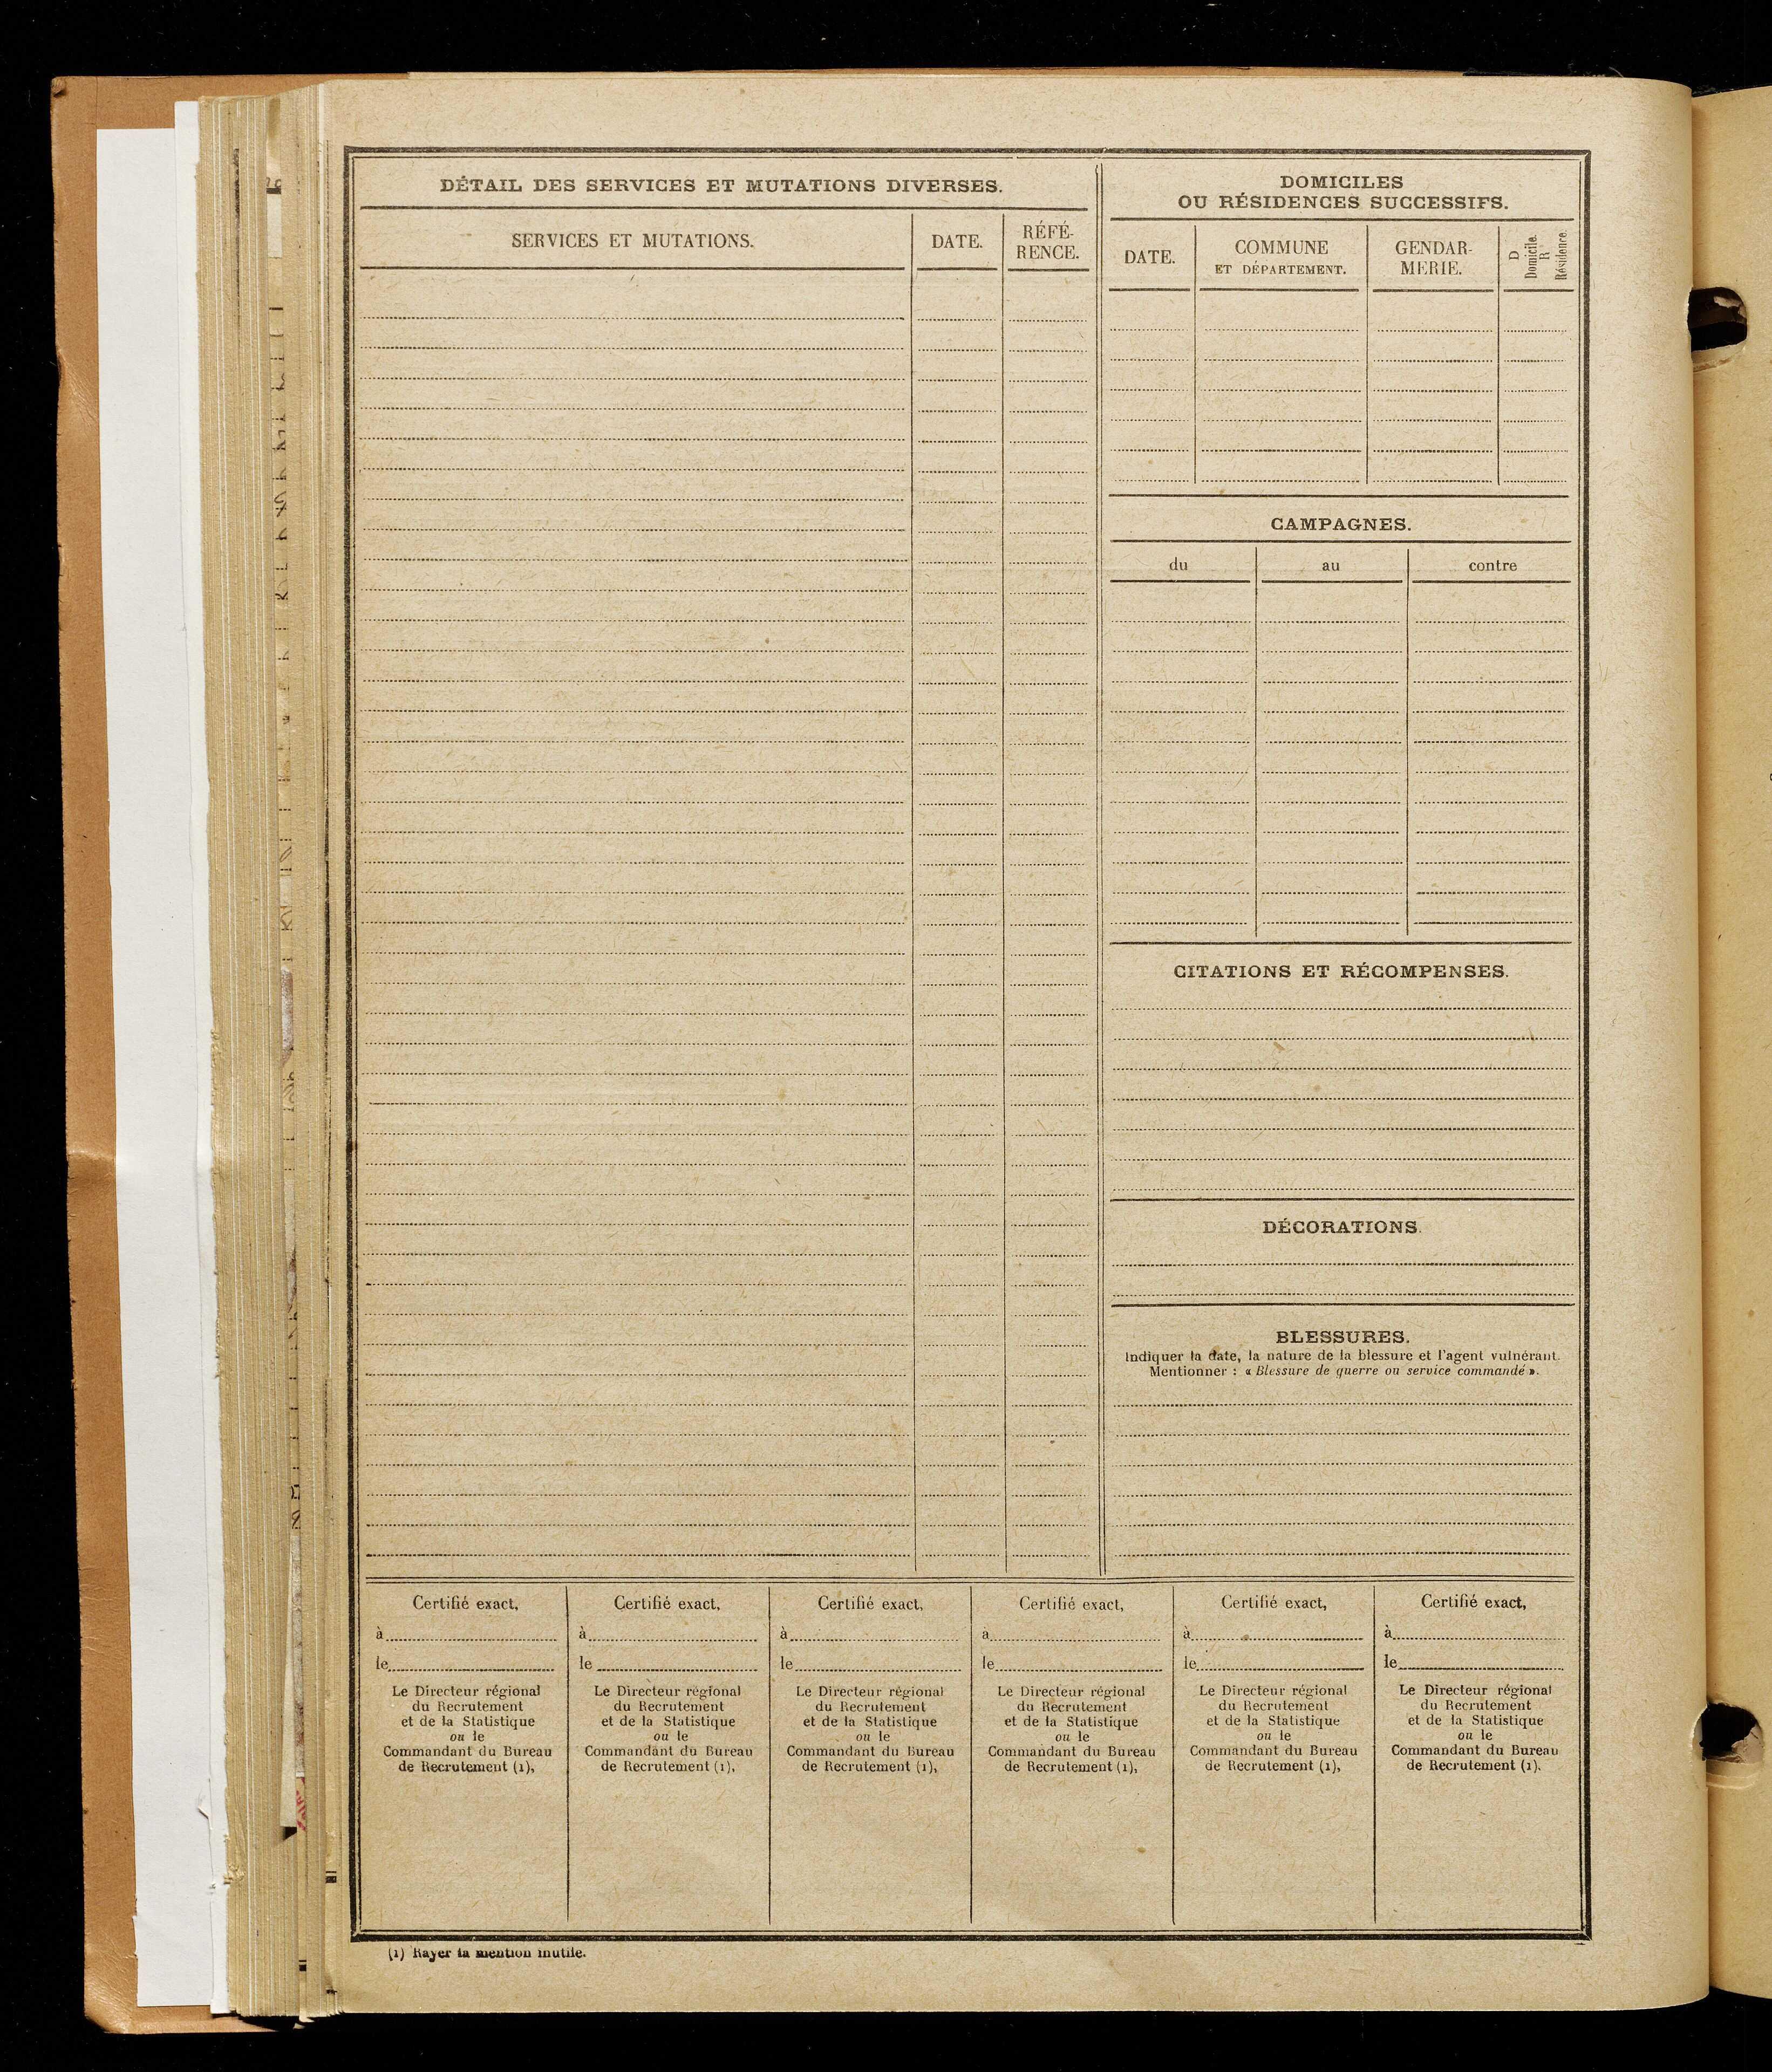 Dejeuffosse, Marcel Louis, né le 15 mai 1893 à Cambrai (Nord), classe 1913, matricule n° 1102, Bureau de recrutement d'Amiens